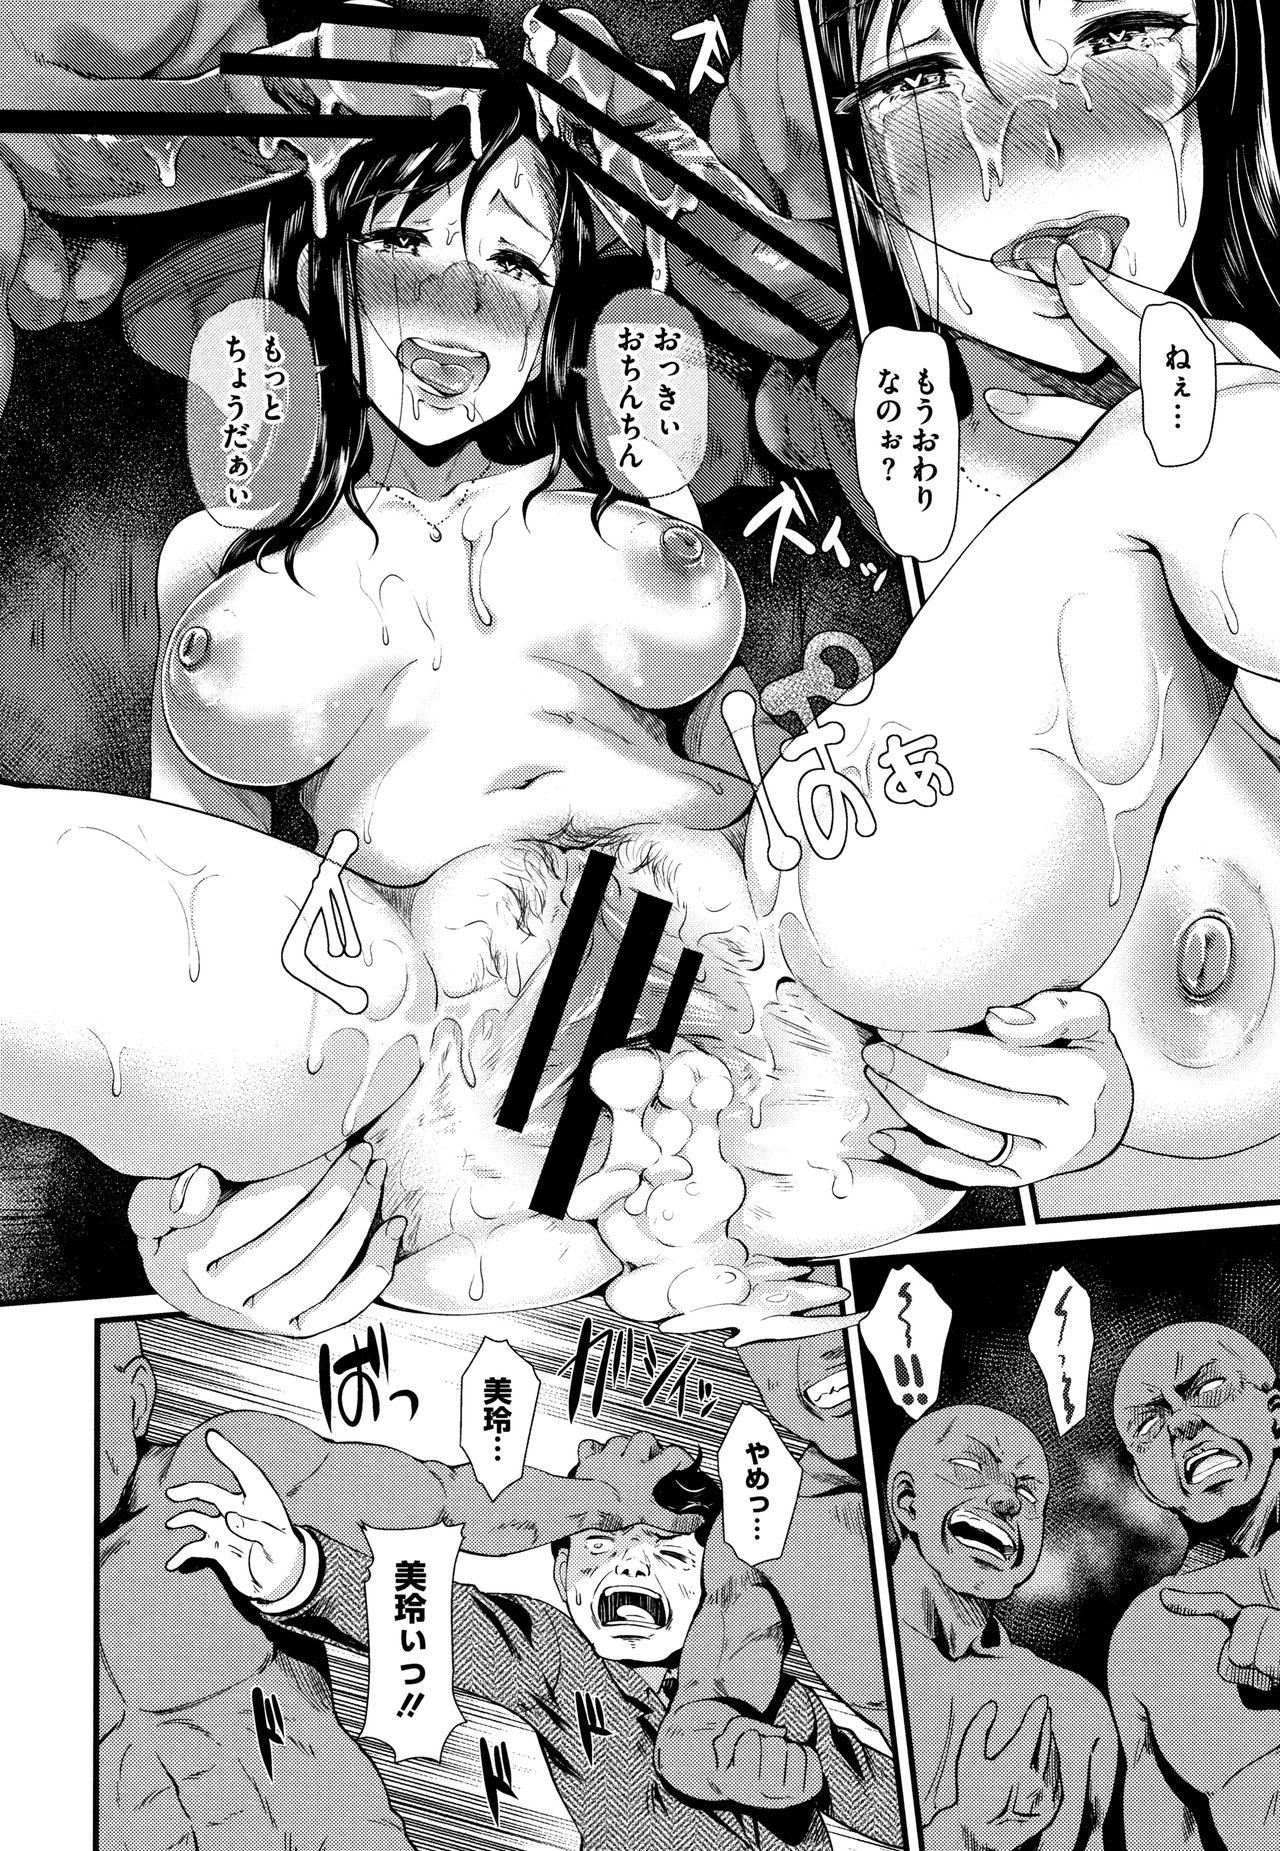 【エロ漫画】男たちの戦いに巻き込まれた奥さんたちはデカマラチンポに犯され続け・・・もうおまんこ完全に屈しちゃってるねぇww